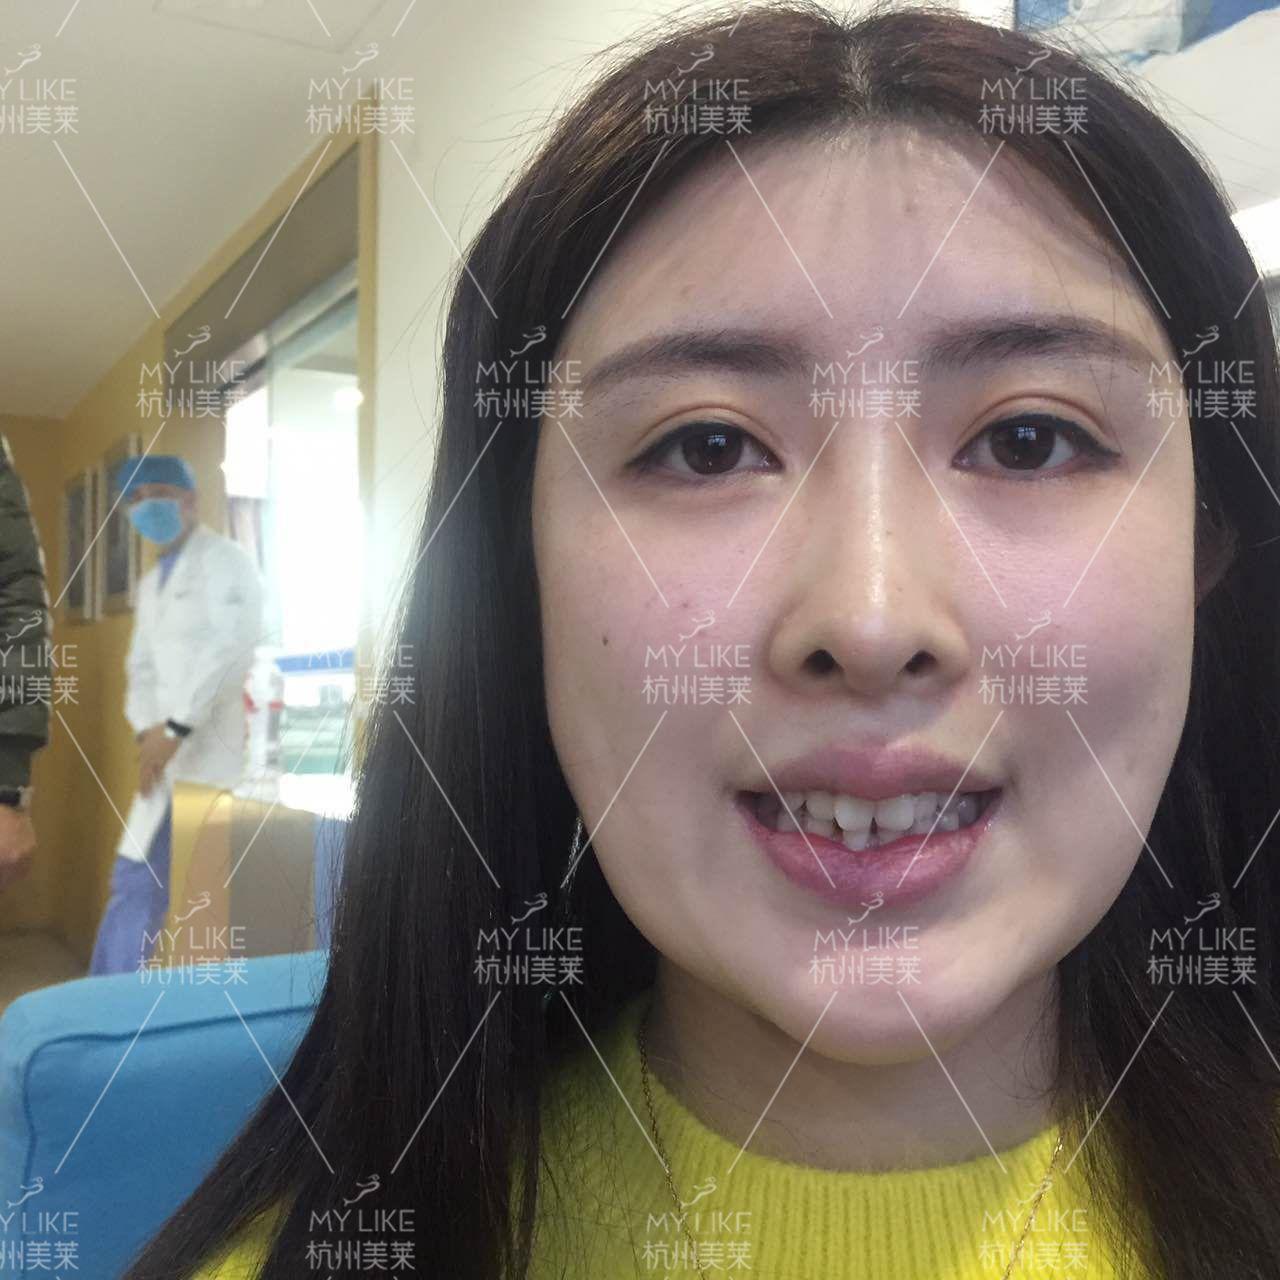 有一口整齐漂亮的牙齿,笑起来才够甜,我的五官很好很小巧,所以我才能成为一名模特,但是我拍的写真和广告都是高冷范或是微微抿嘴笑的,因为我的牙齿不整齐也不好看。在模特圈要想发展得更好,就得无瑕疵,或者把瑕疵变成特色。刚好在美莱看到牙齿矫正有优惠,我就来了。        我做的是隐适美,毕竟我这个行业更新换代太快,如果我只是做普通的牙齿矫正,那么我这一两年之内都不能再接活动,而隐适美的美观度、舒适度高,口腔卫生也容易维护,不影响社交、进食、运动等,况且复诊次数减少,节约时间,对于我这种靠外貌吃饭的人来说是很好的选择。       这天先跟接待我的咨询师打了个电话,到了她就在咨询室里等我,然后就带我去面诊、拍片子。王雷医生从业这么多年经验丰富,很轻易就看出了我牙齿存在的问题,跟医生沟通了之后设计好了方案,我做的隐适美的模型是根据我的牙齿量身定做的,需要先面诊我的牙齿状况然后再订做,40天之后才能带上我的隐形牙套,目前还在等待中,等40天之后带上牙套了再来跟大家分享我的变美日记吧!